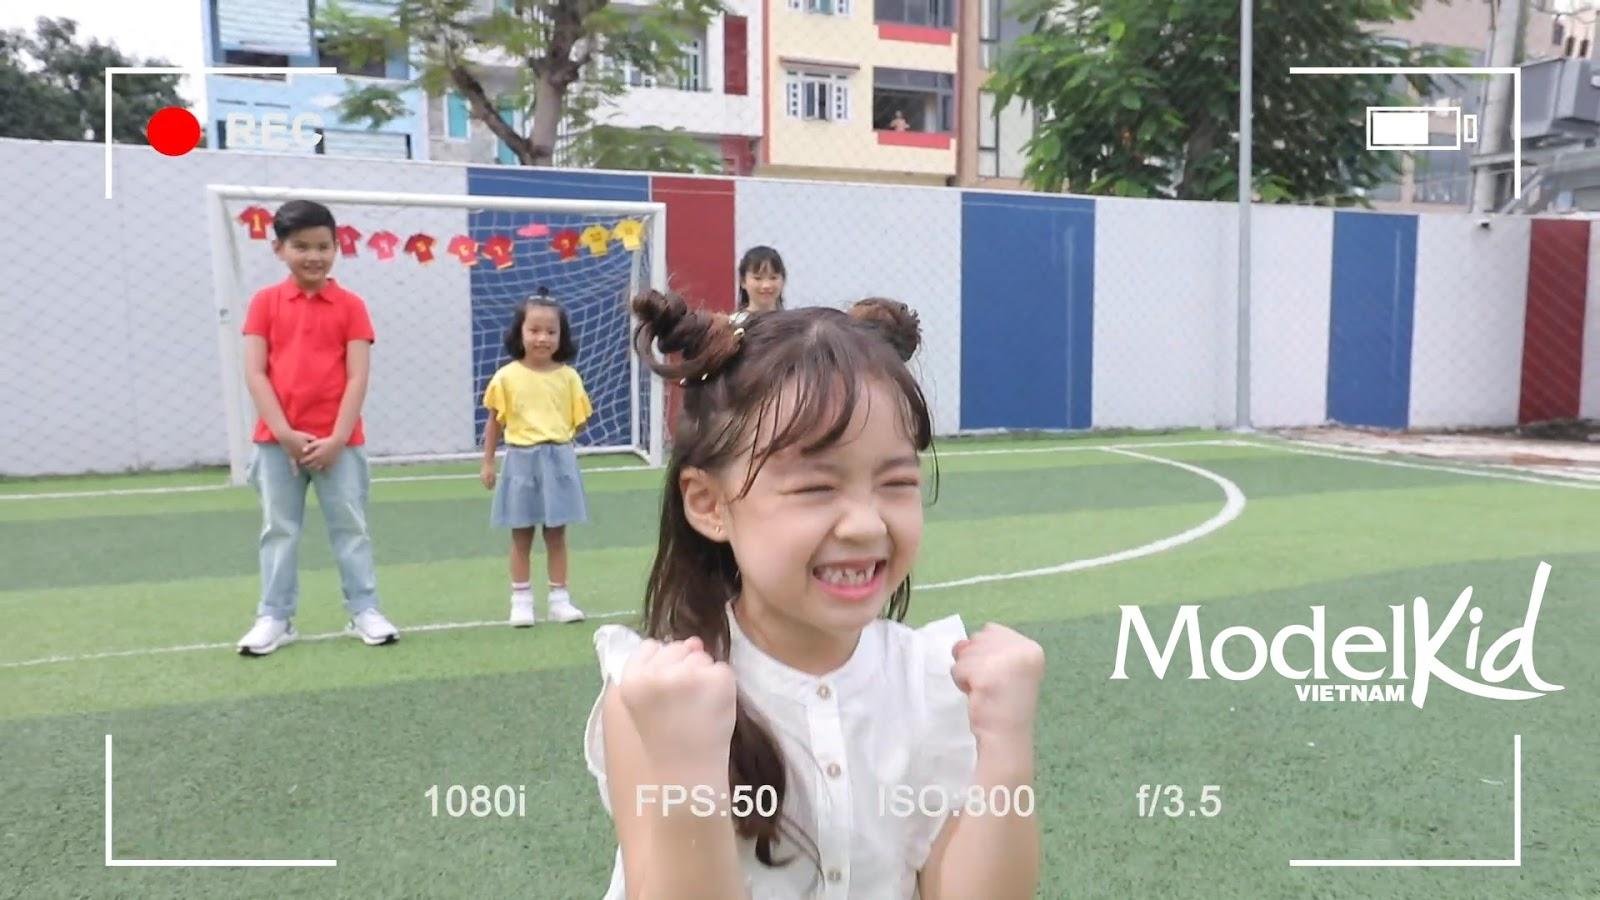 Quang Đại bất ngờ xin rút khỏi ghế HLV, Hương Ly khóc nức nở khi trở thành cô giữ trẻ Model Kid Vietnam - Hình 7